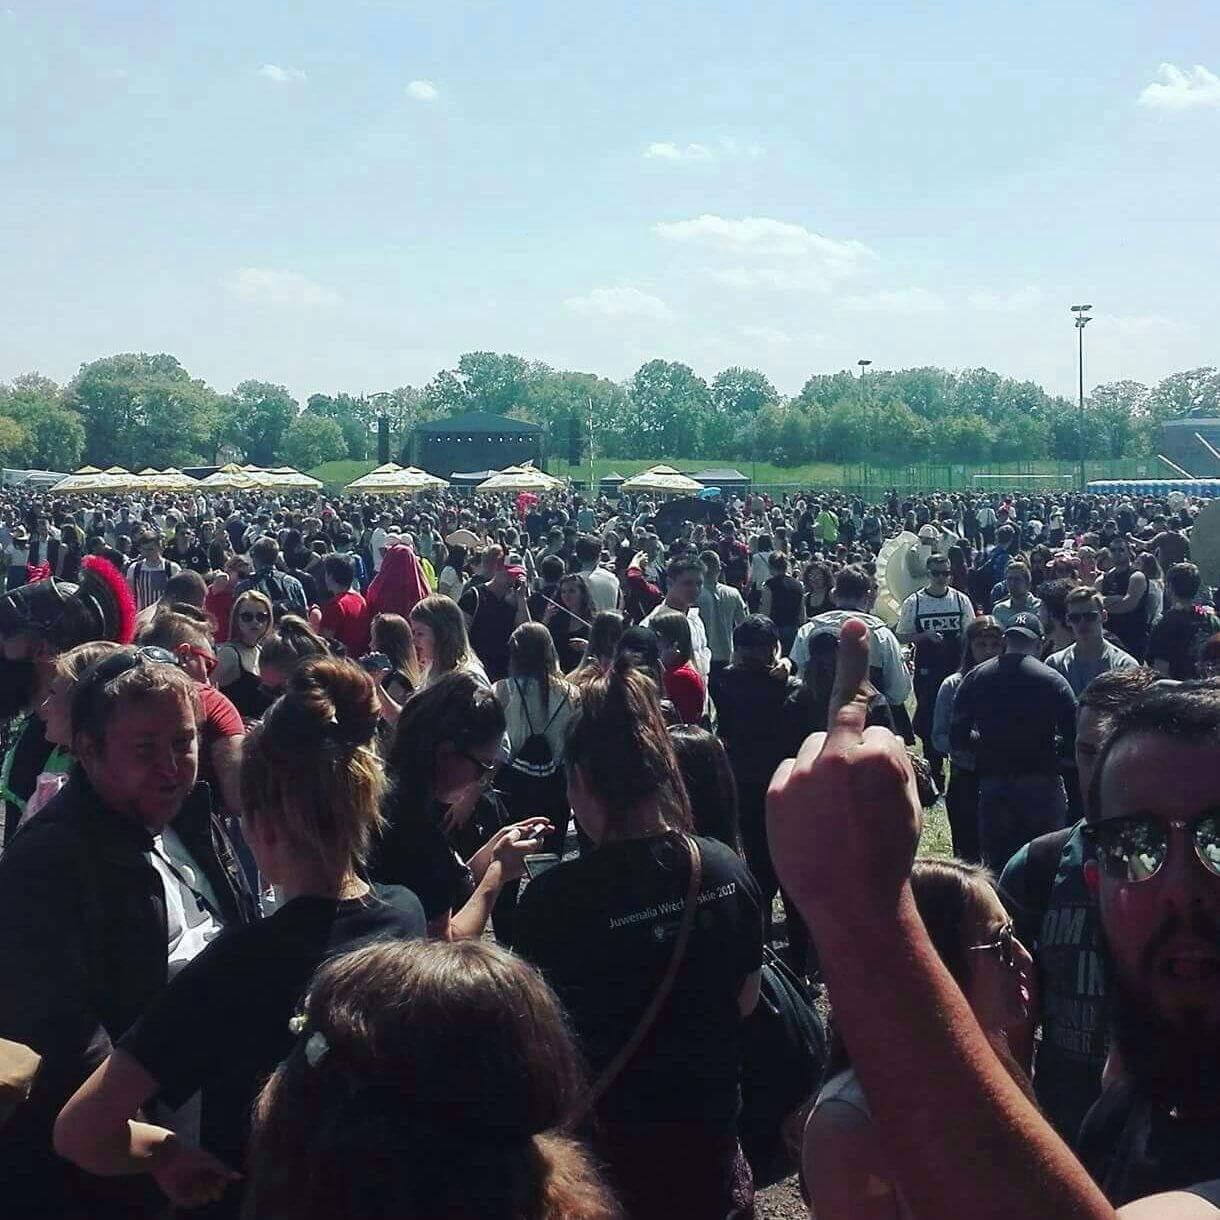 Eine Menschenmenge vor der Konzert Bühne des Festivals